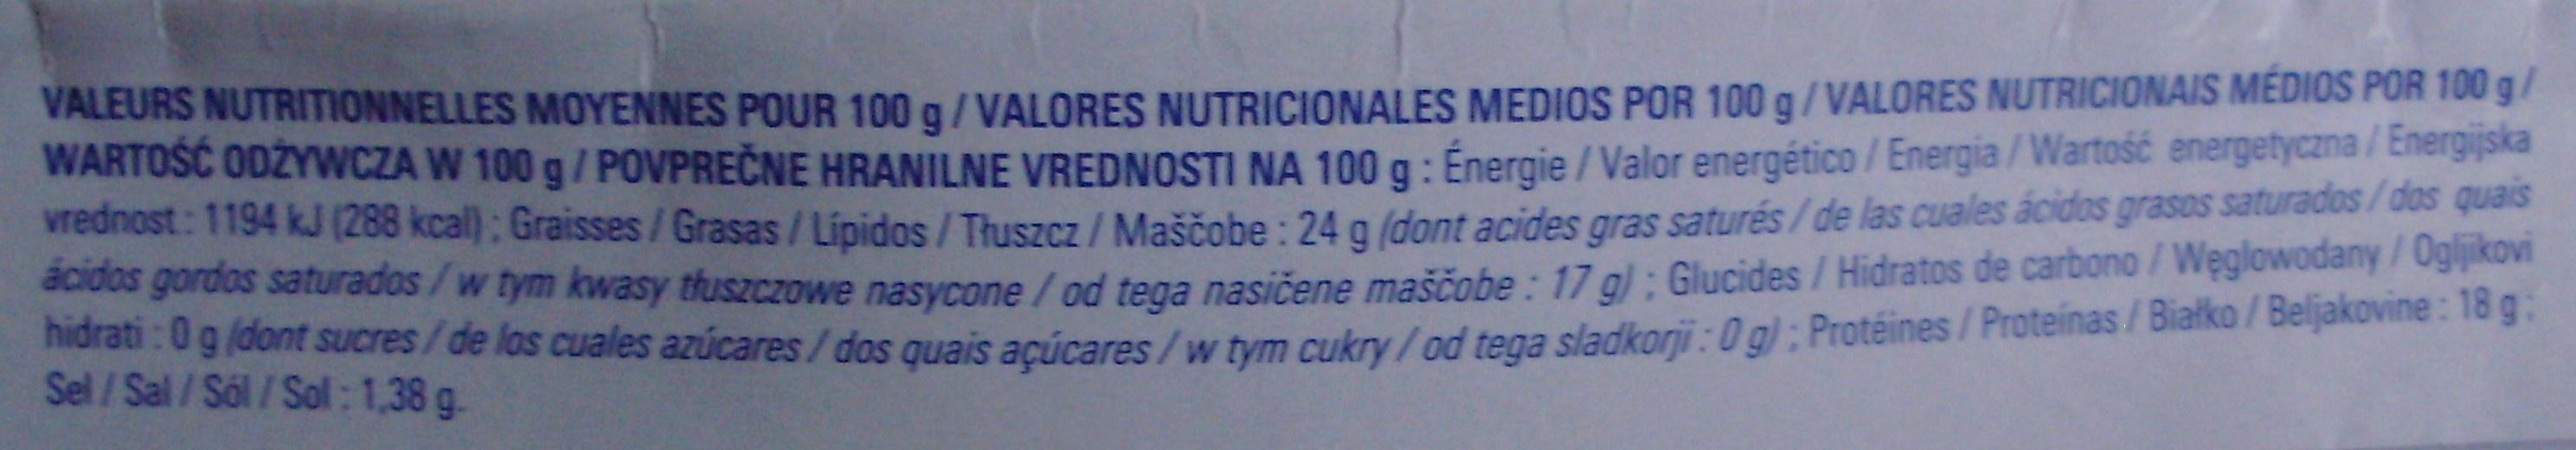 Coulommiers au Lait Pasteurisé (24 % MG) - Nutrition facts - fr